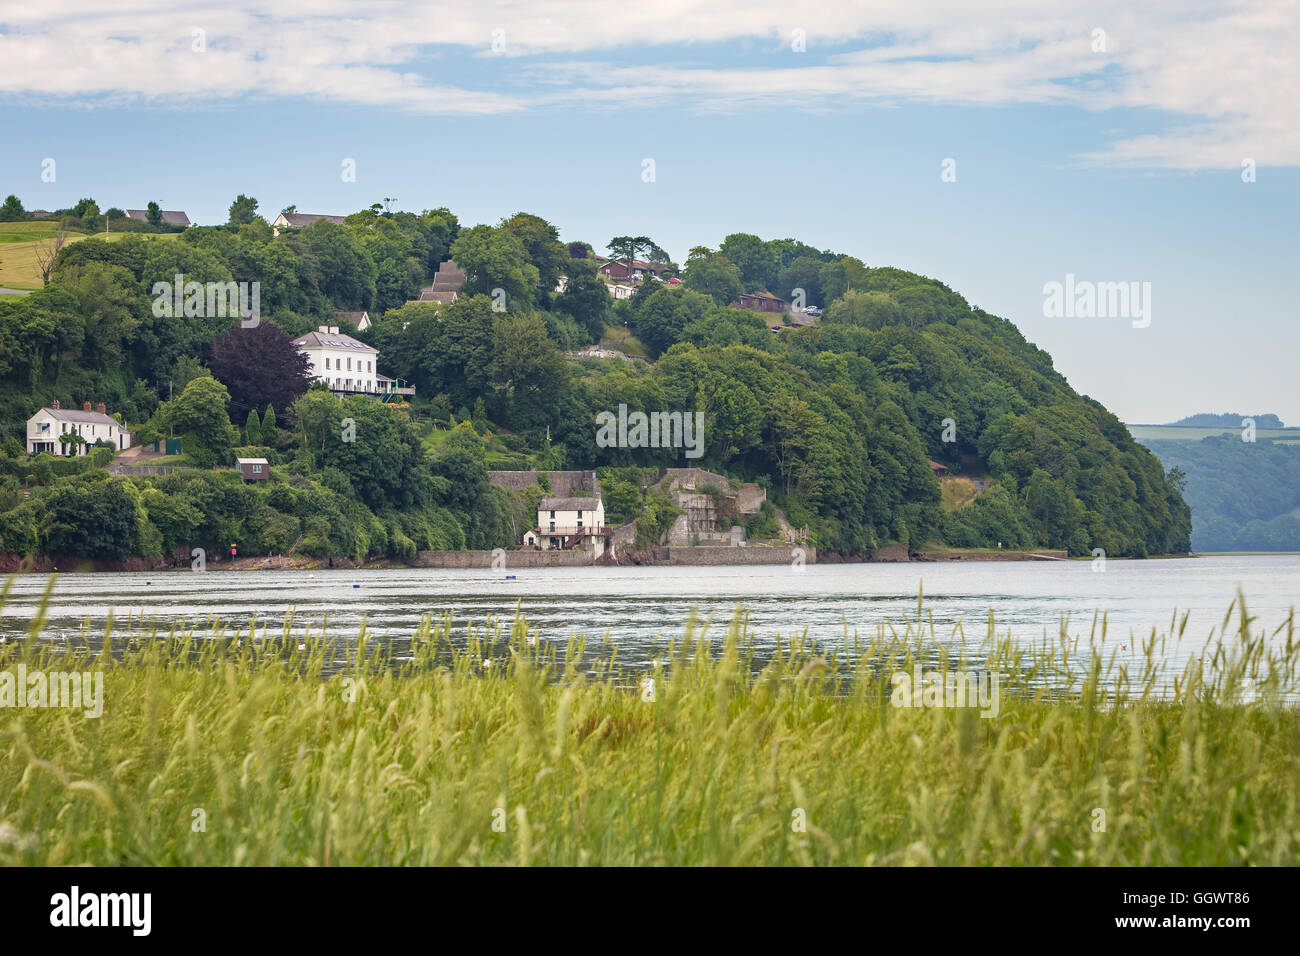 Dylan Thomas boathouse, Laugharne, Carmarthenshire, Wales, UK - Stock Image